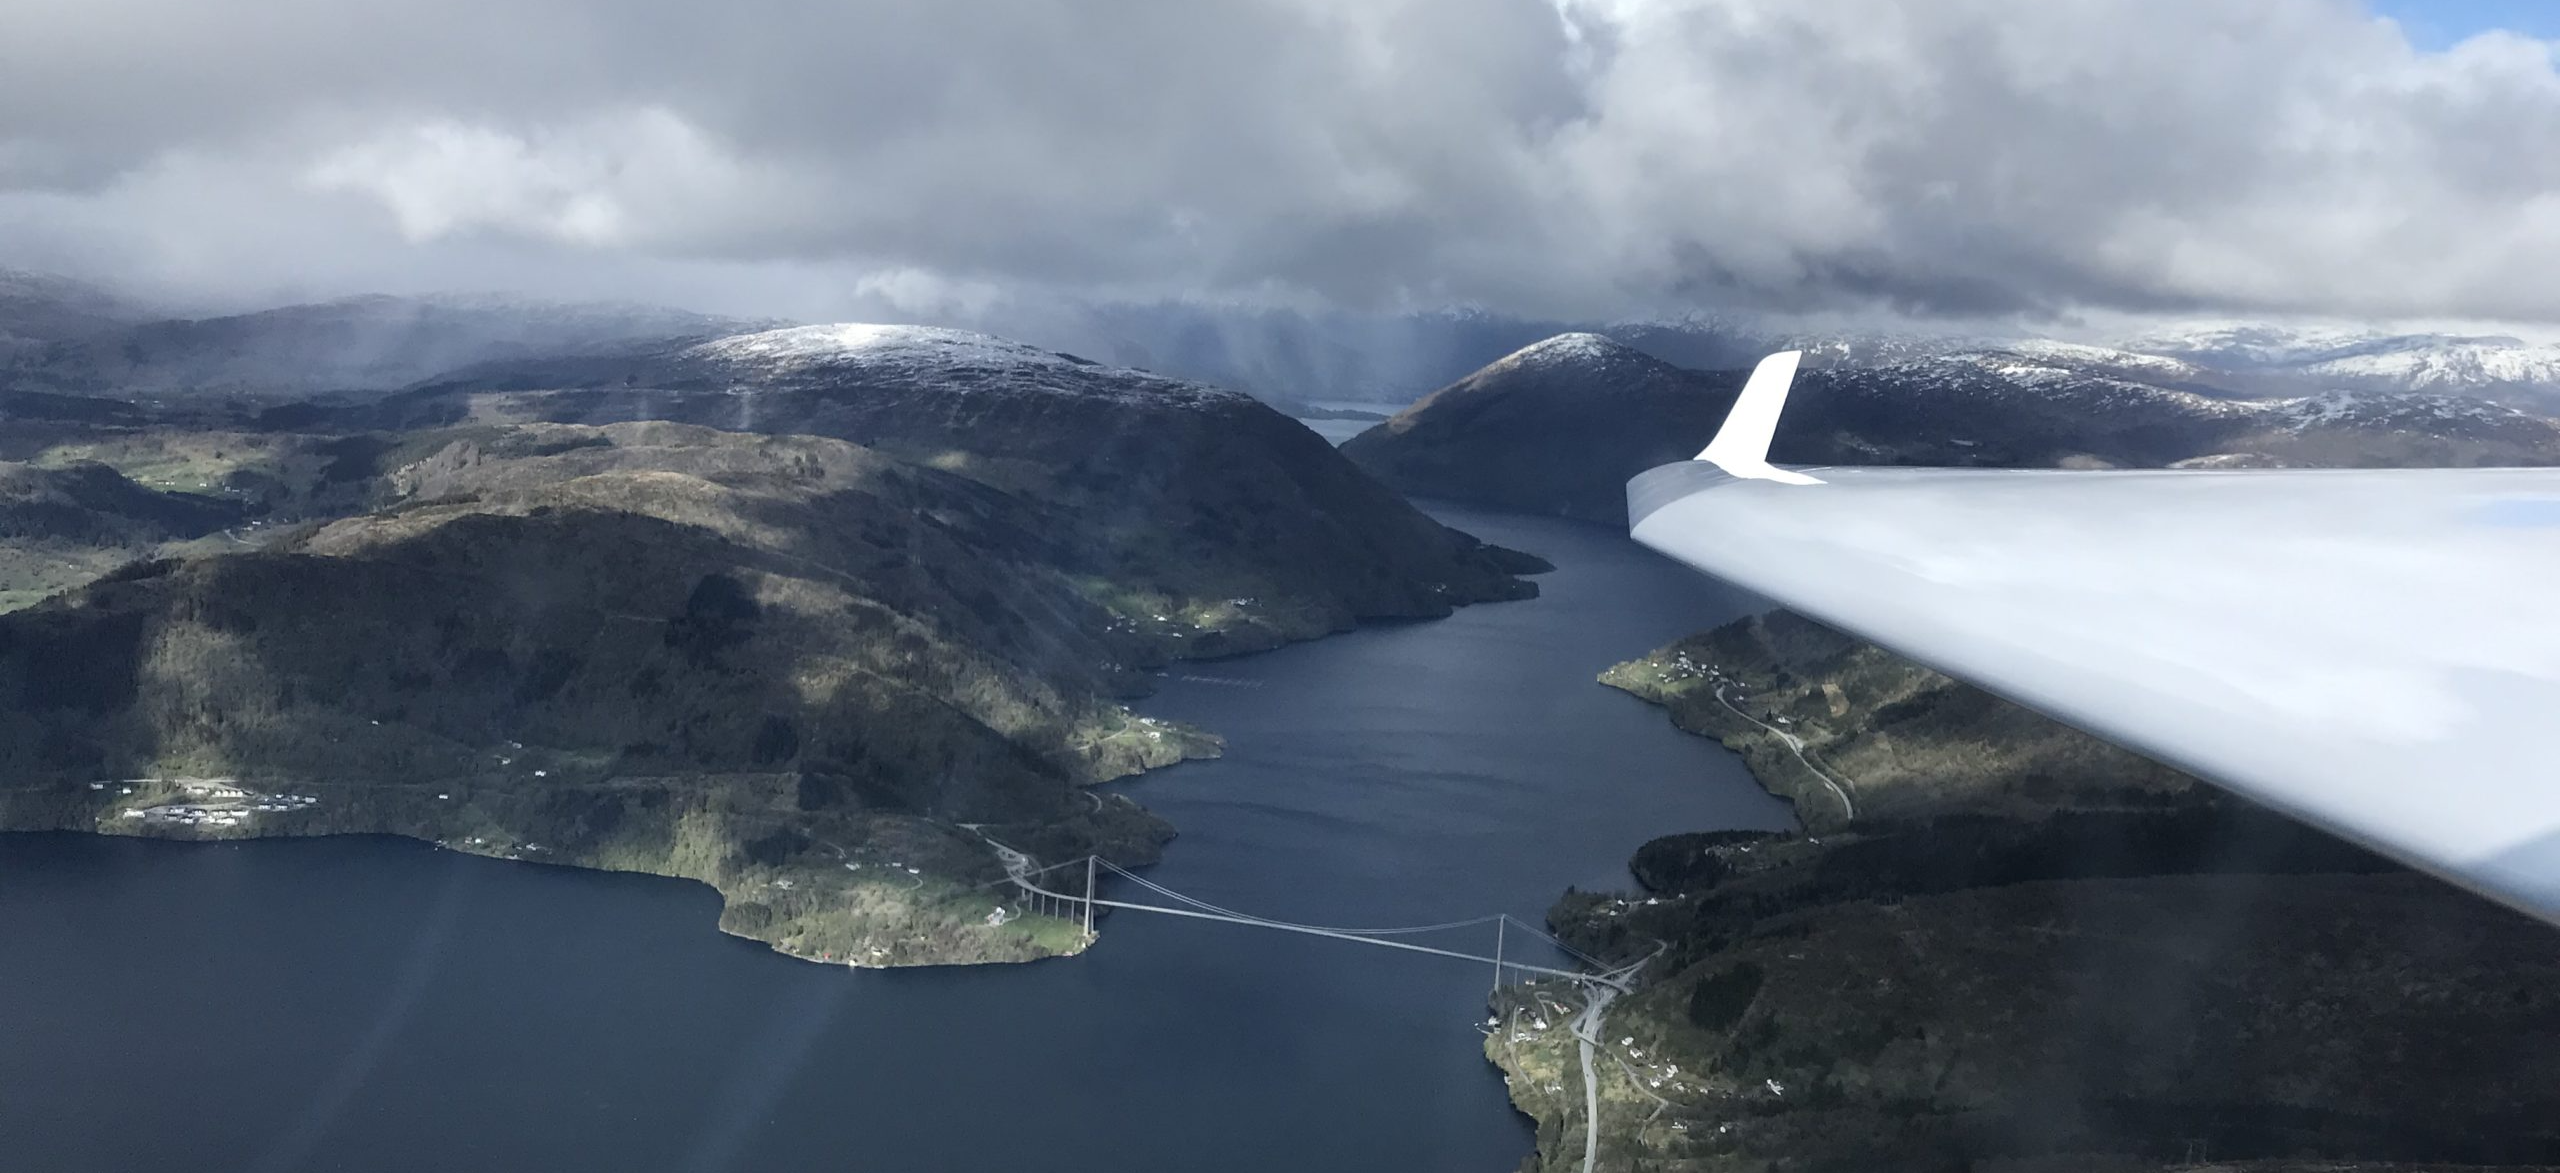 Utsyn på tur mot Osterøy